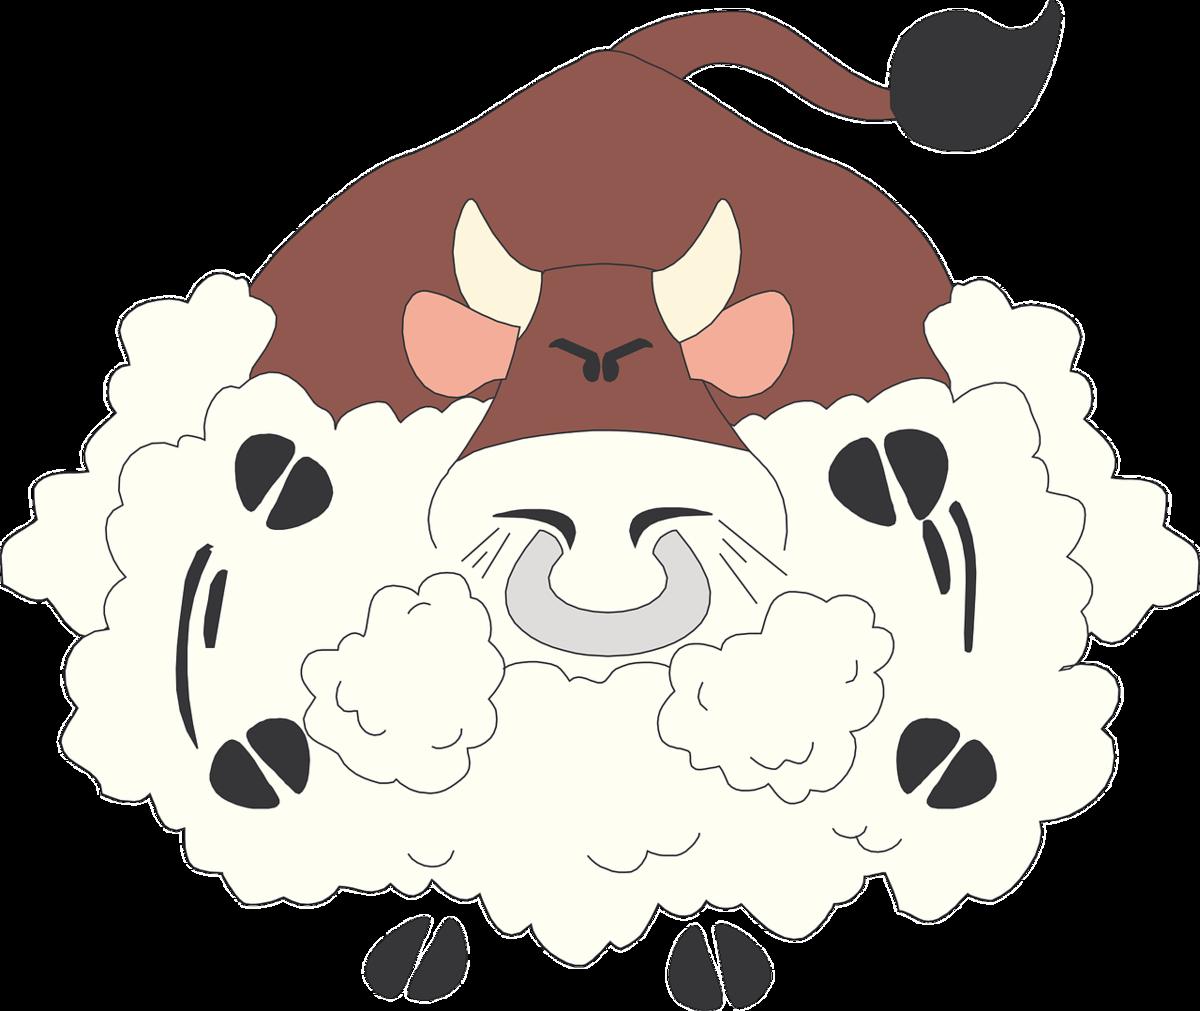 f:id:bakademodekiru:20210216012707p:plain